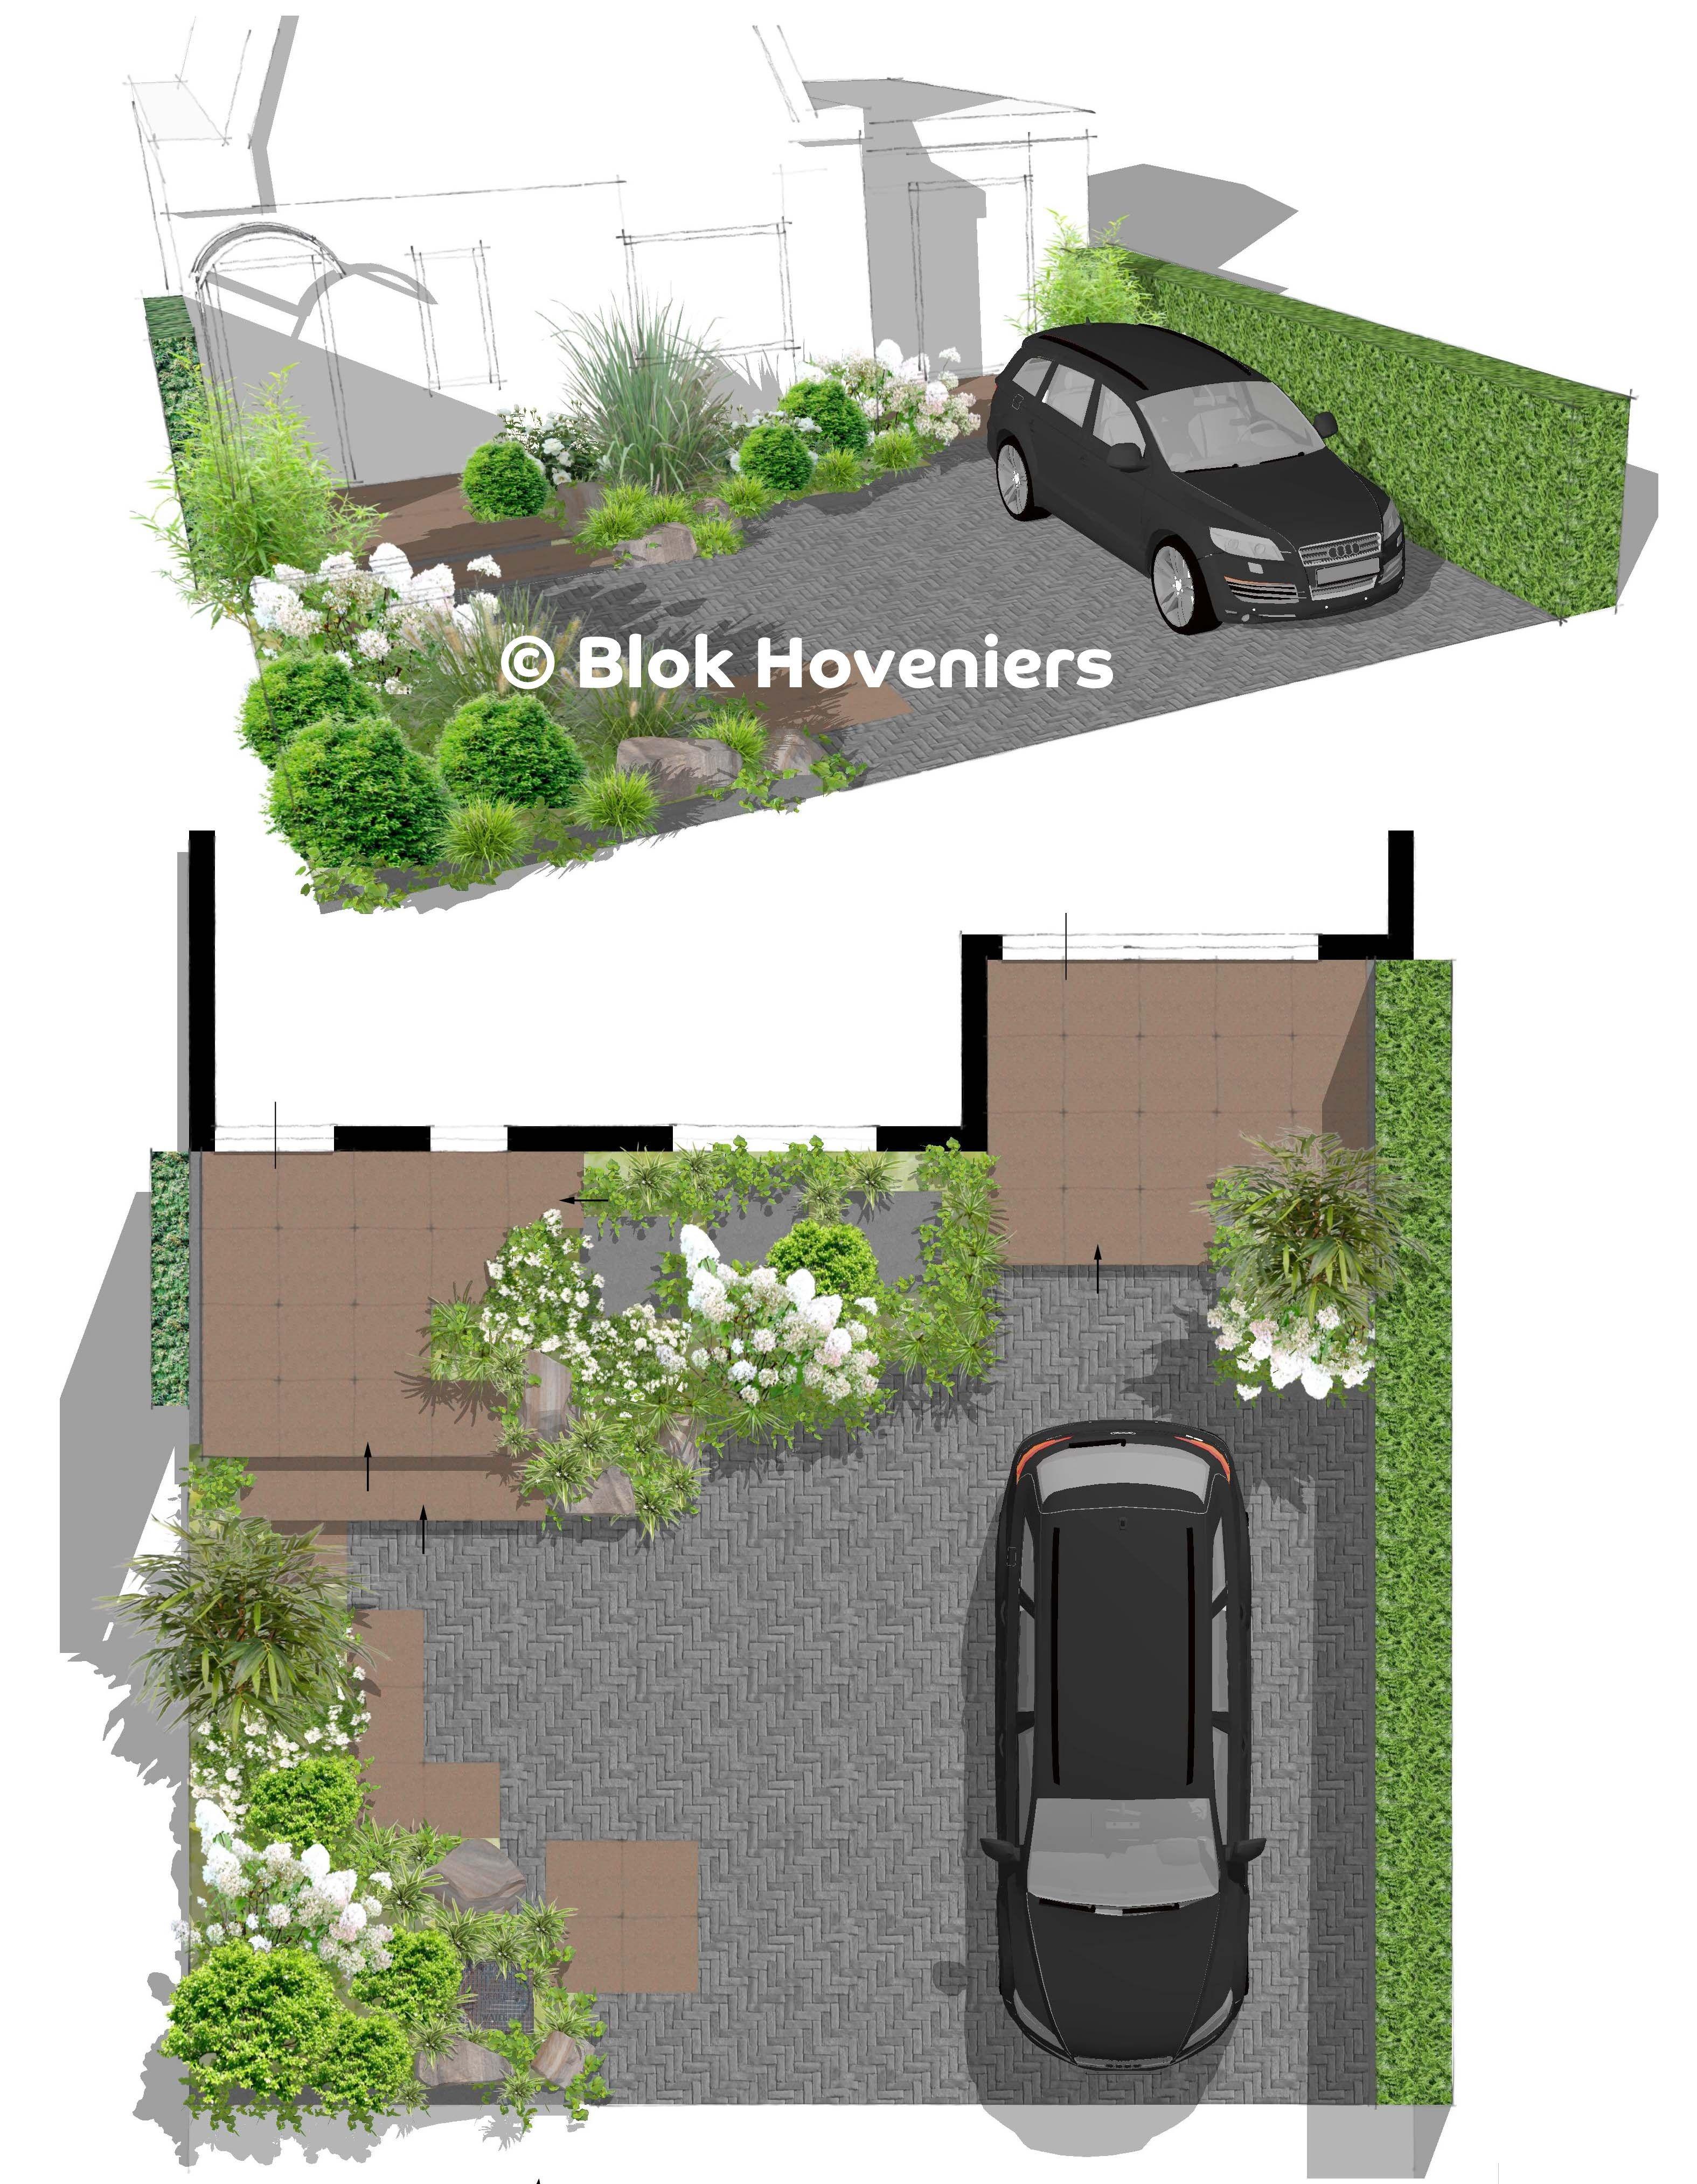 Blok hoveniers sketchup tuinontwerp voortuin oprit for 3d tuin ontwerpen